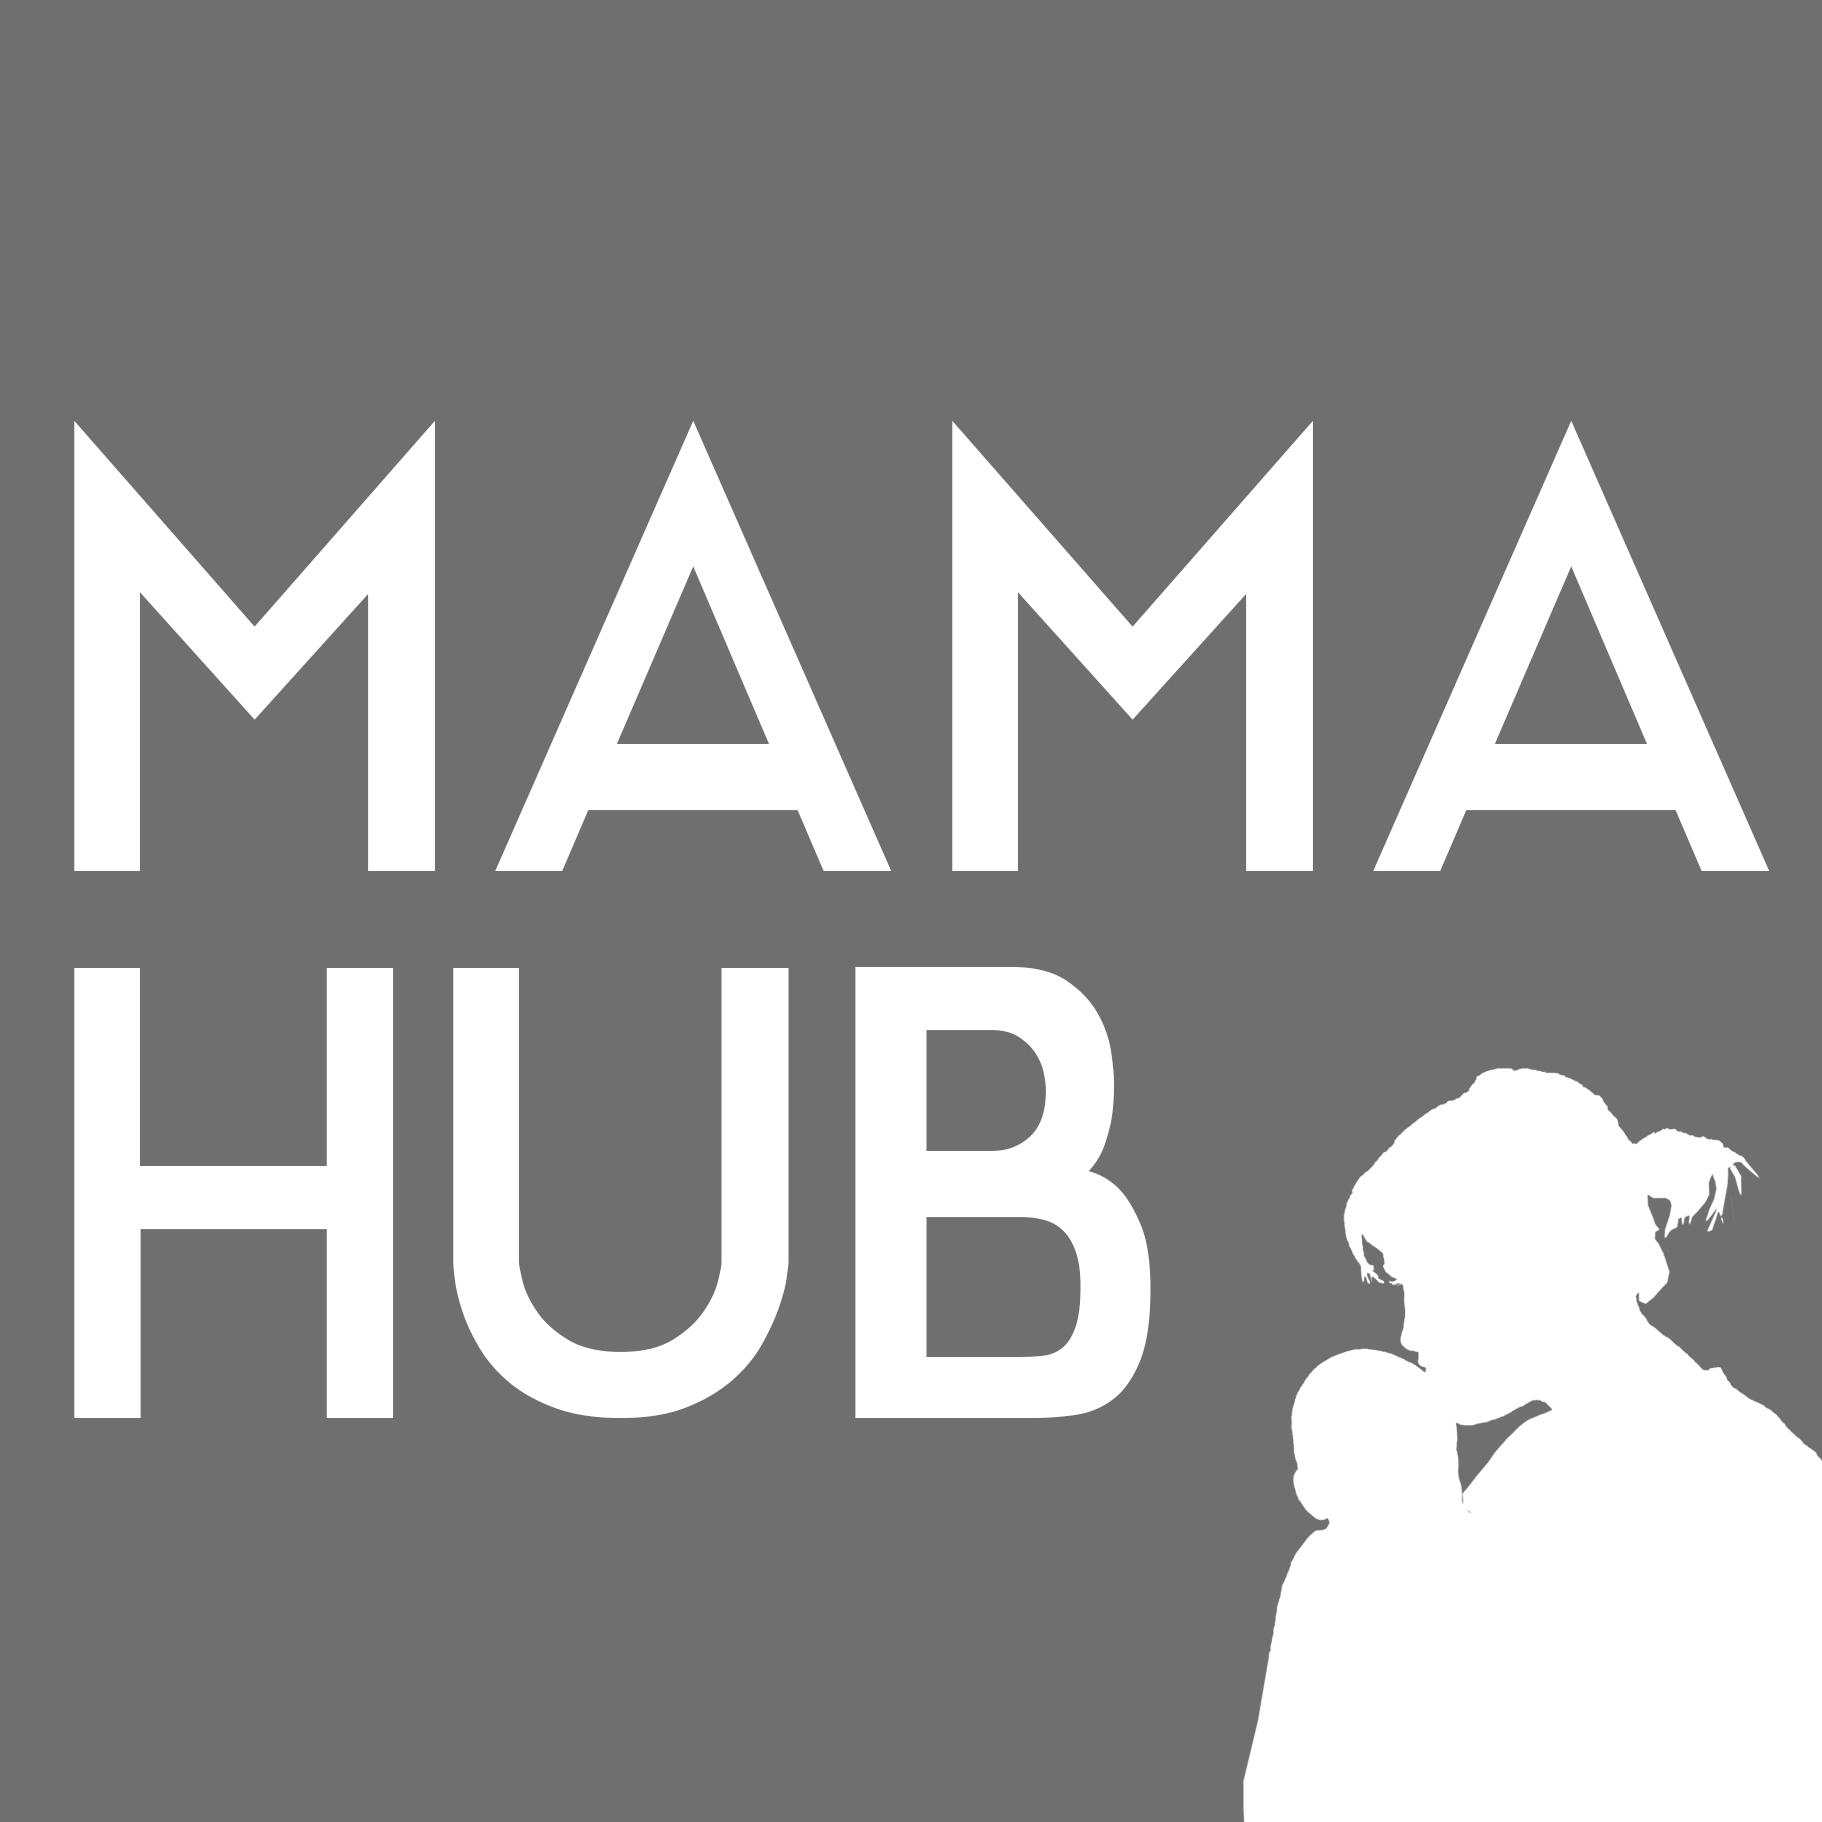 Mama-Hub-Grey.png